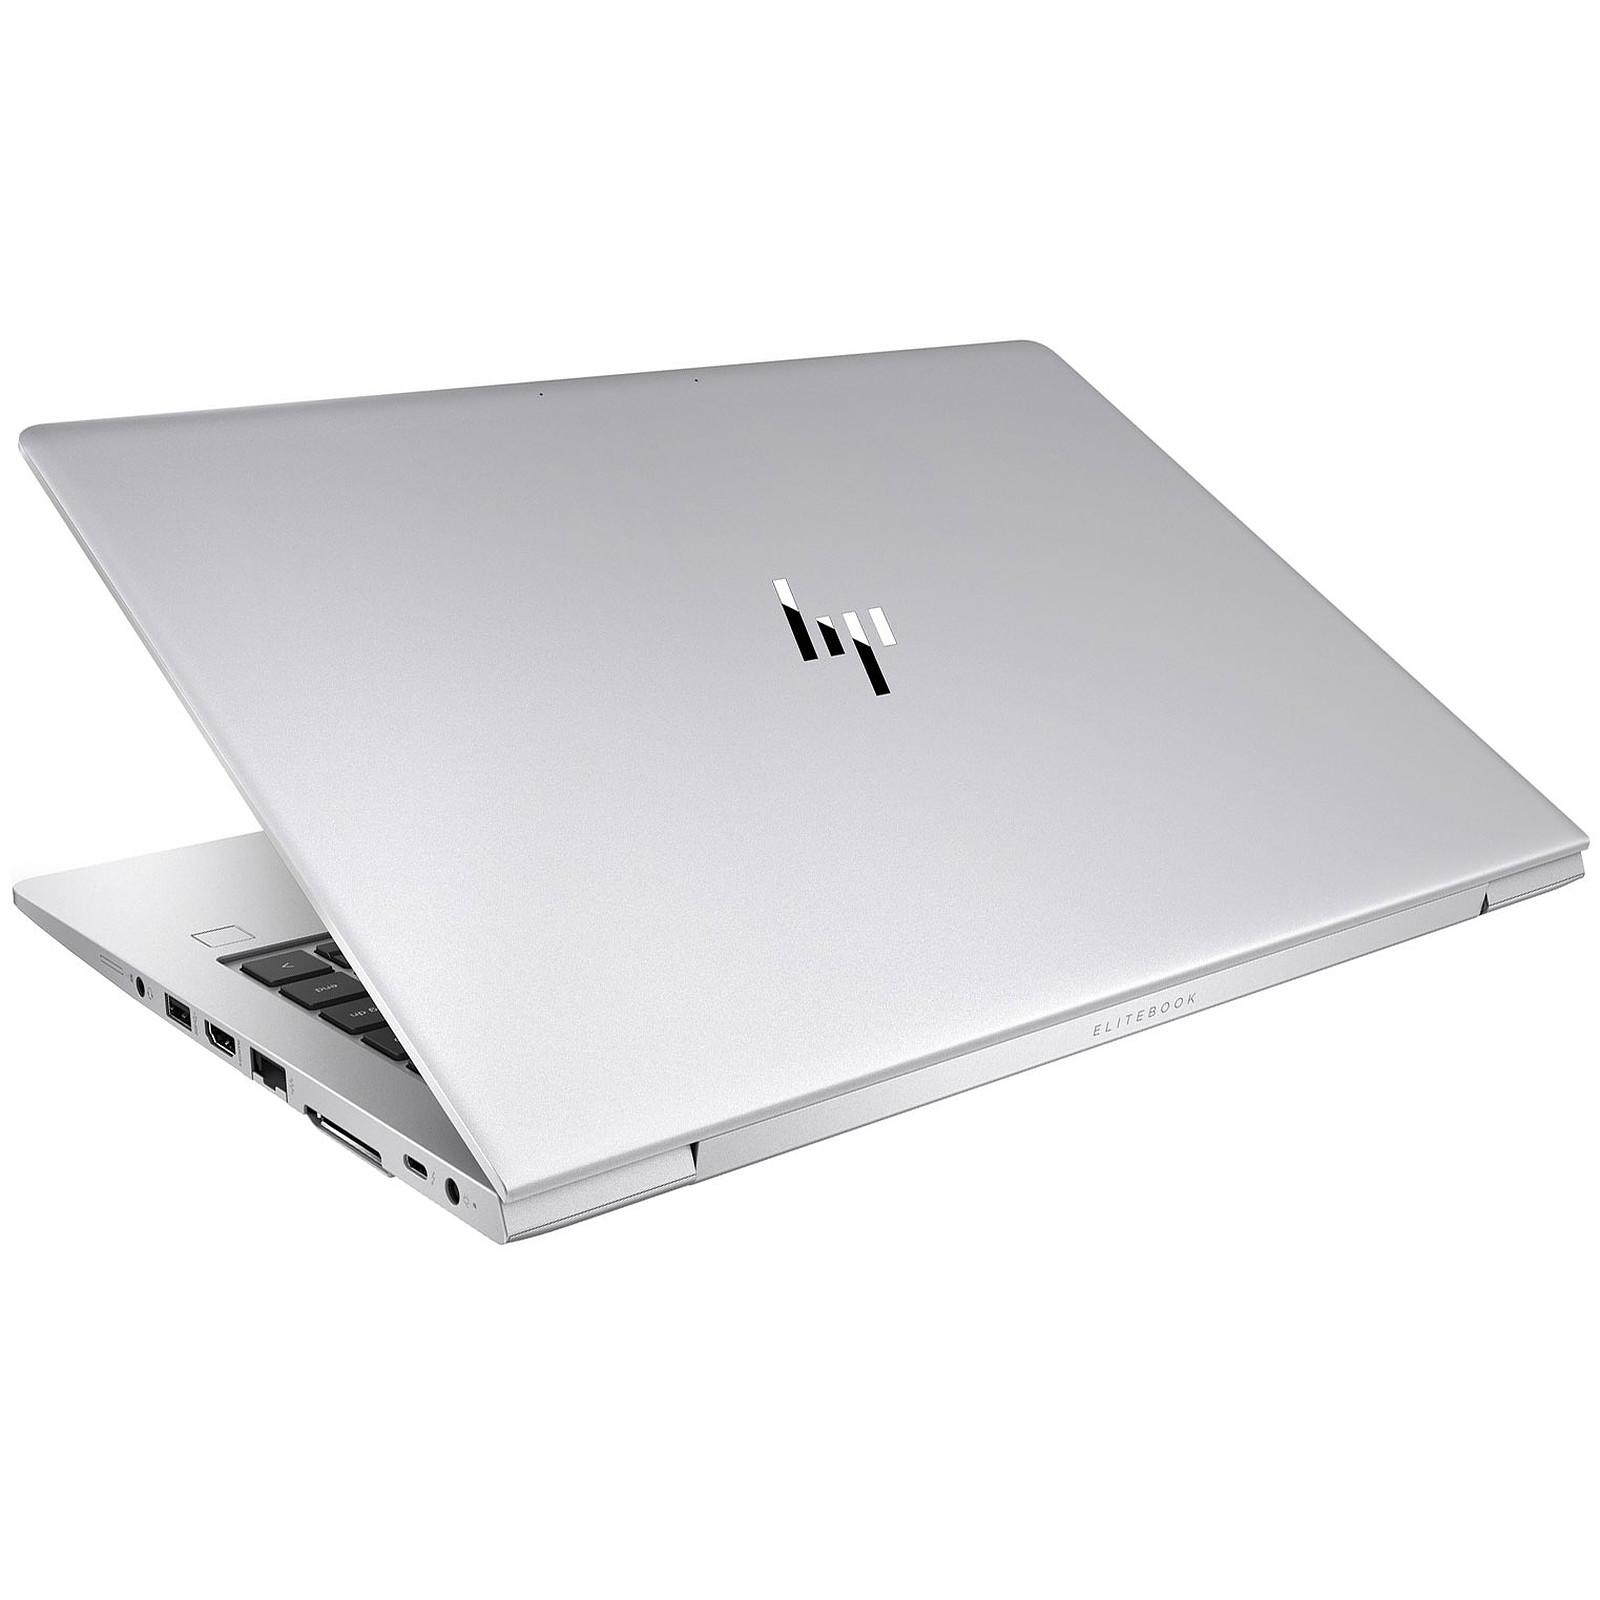 Hp Elitebook 840 G5 3jx94ea Pc Portable Hp Sur Ldlc Com Muséericorde